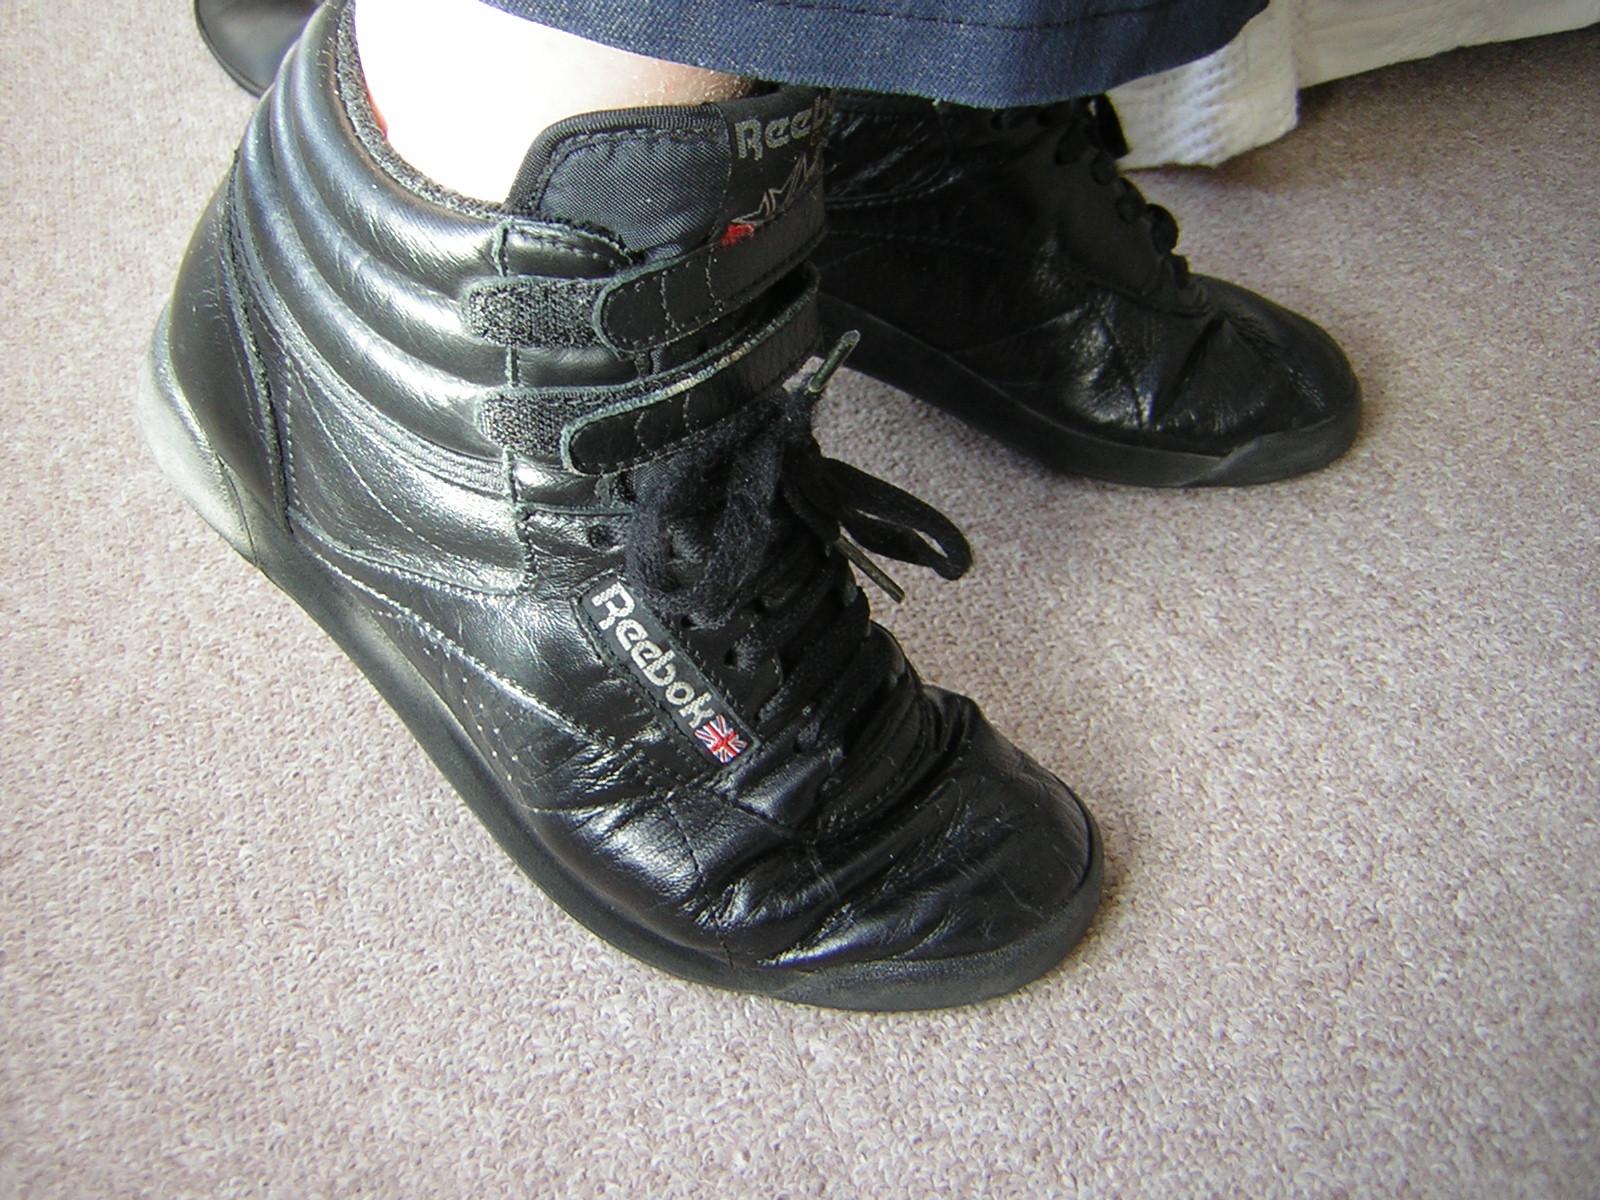 Reebok Black Shoes For Men Nubuku